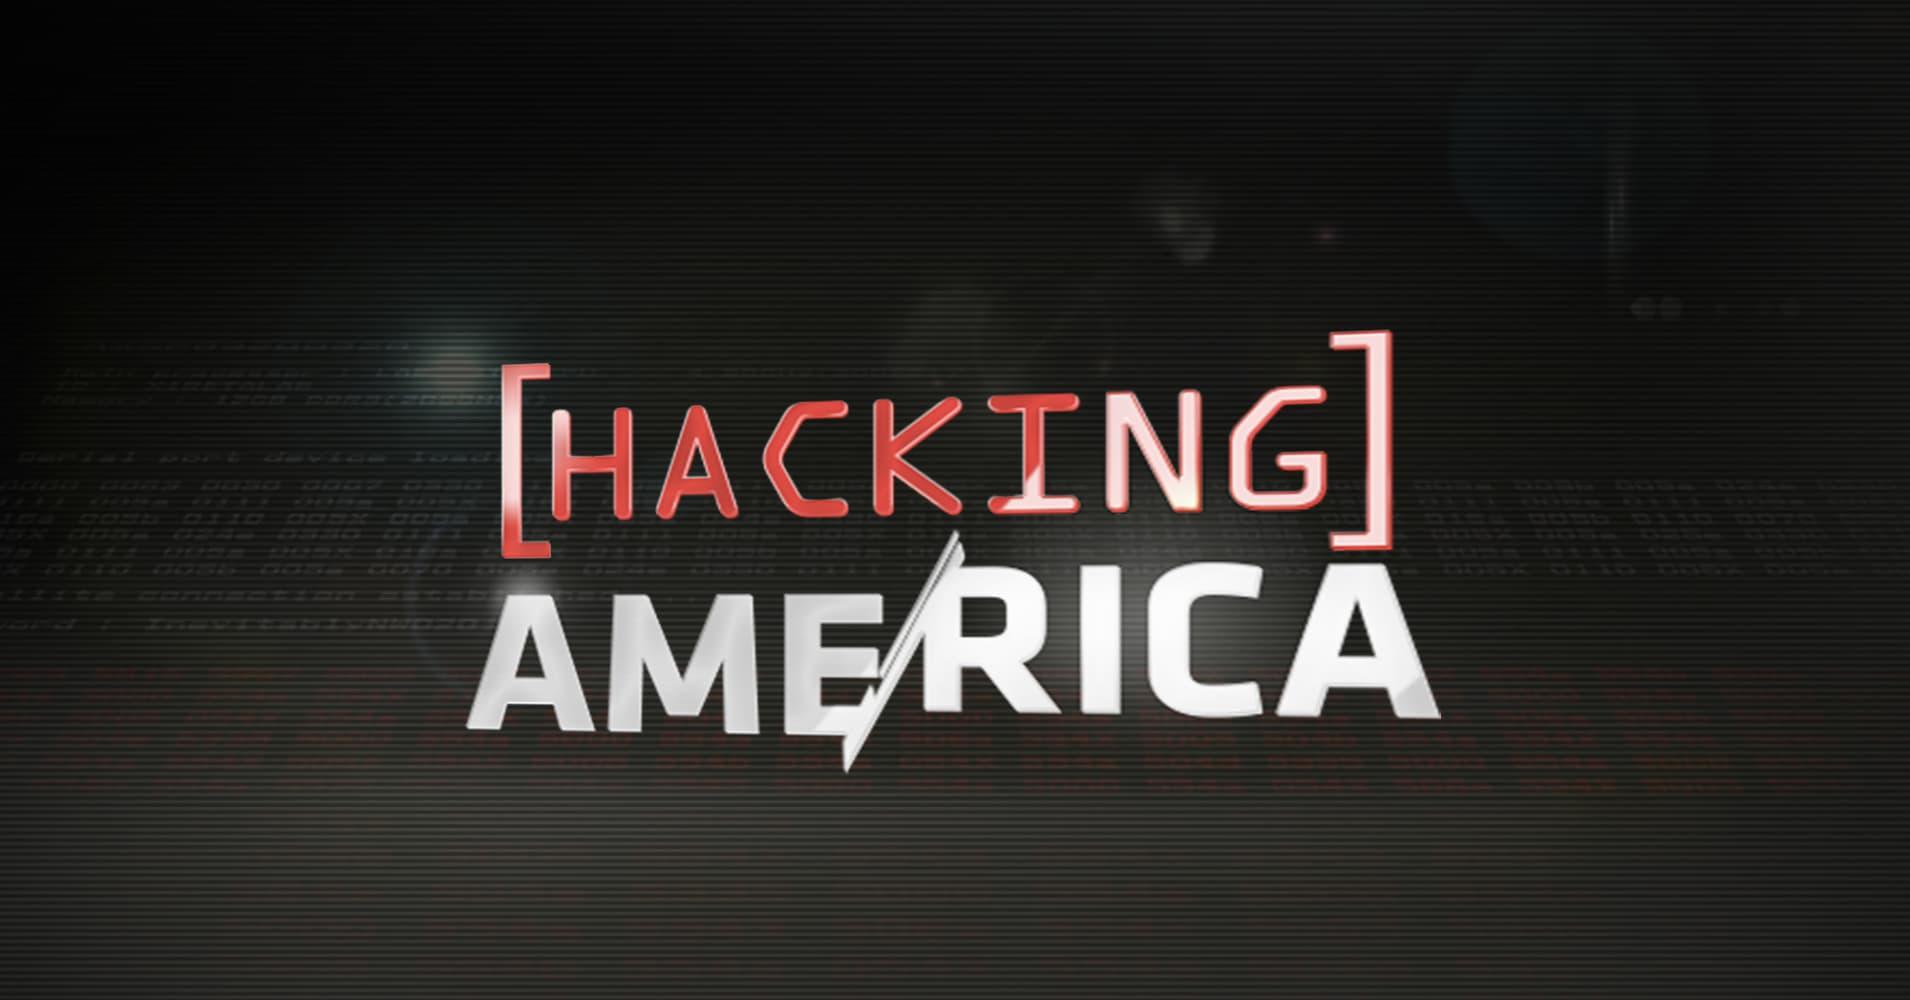 hacking america